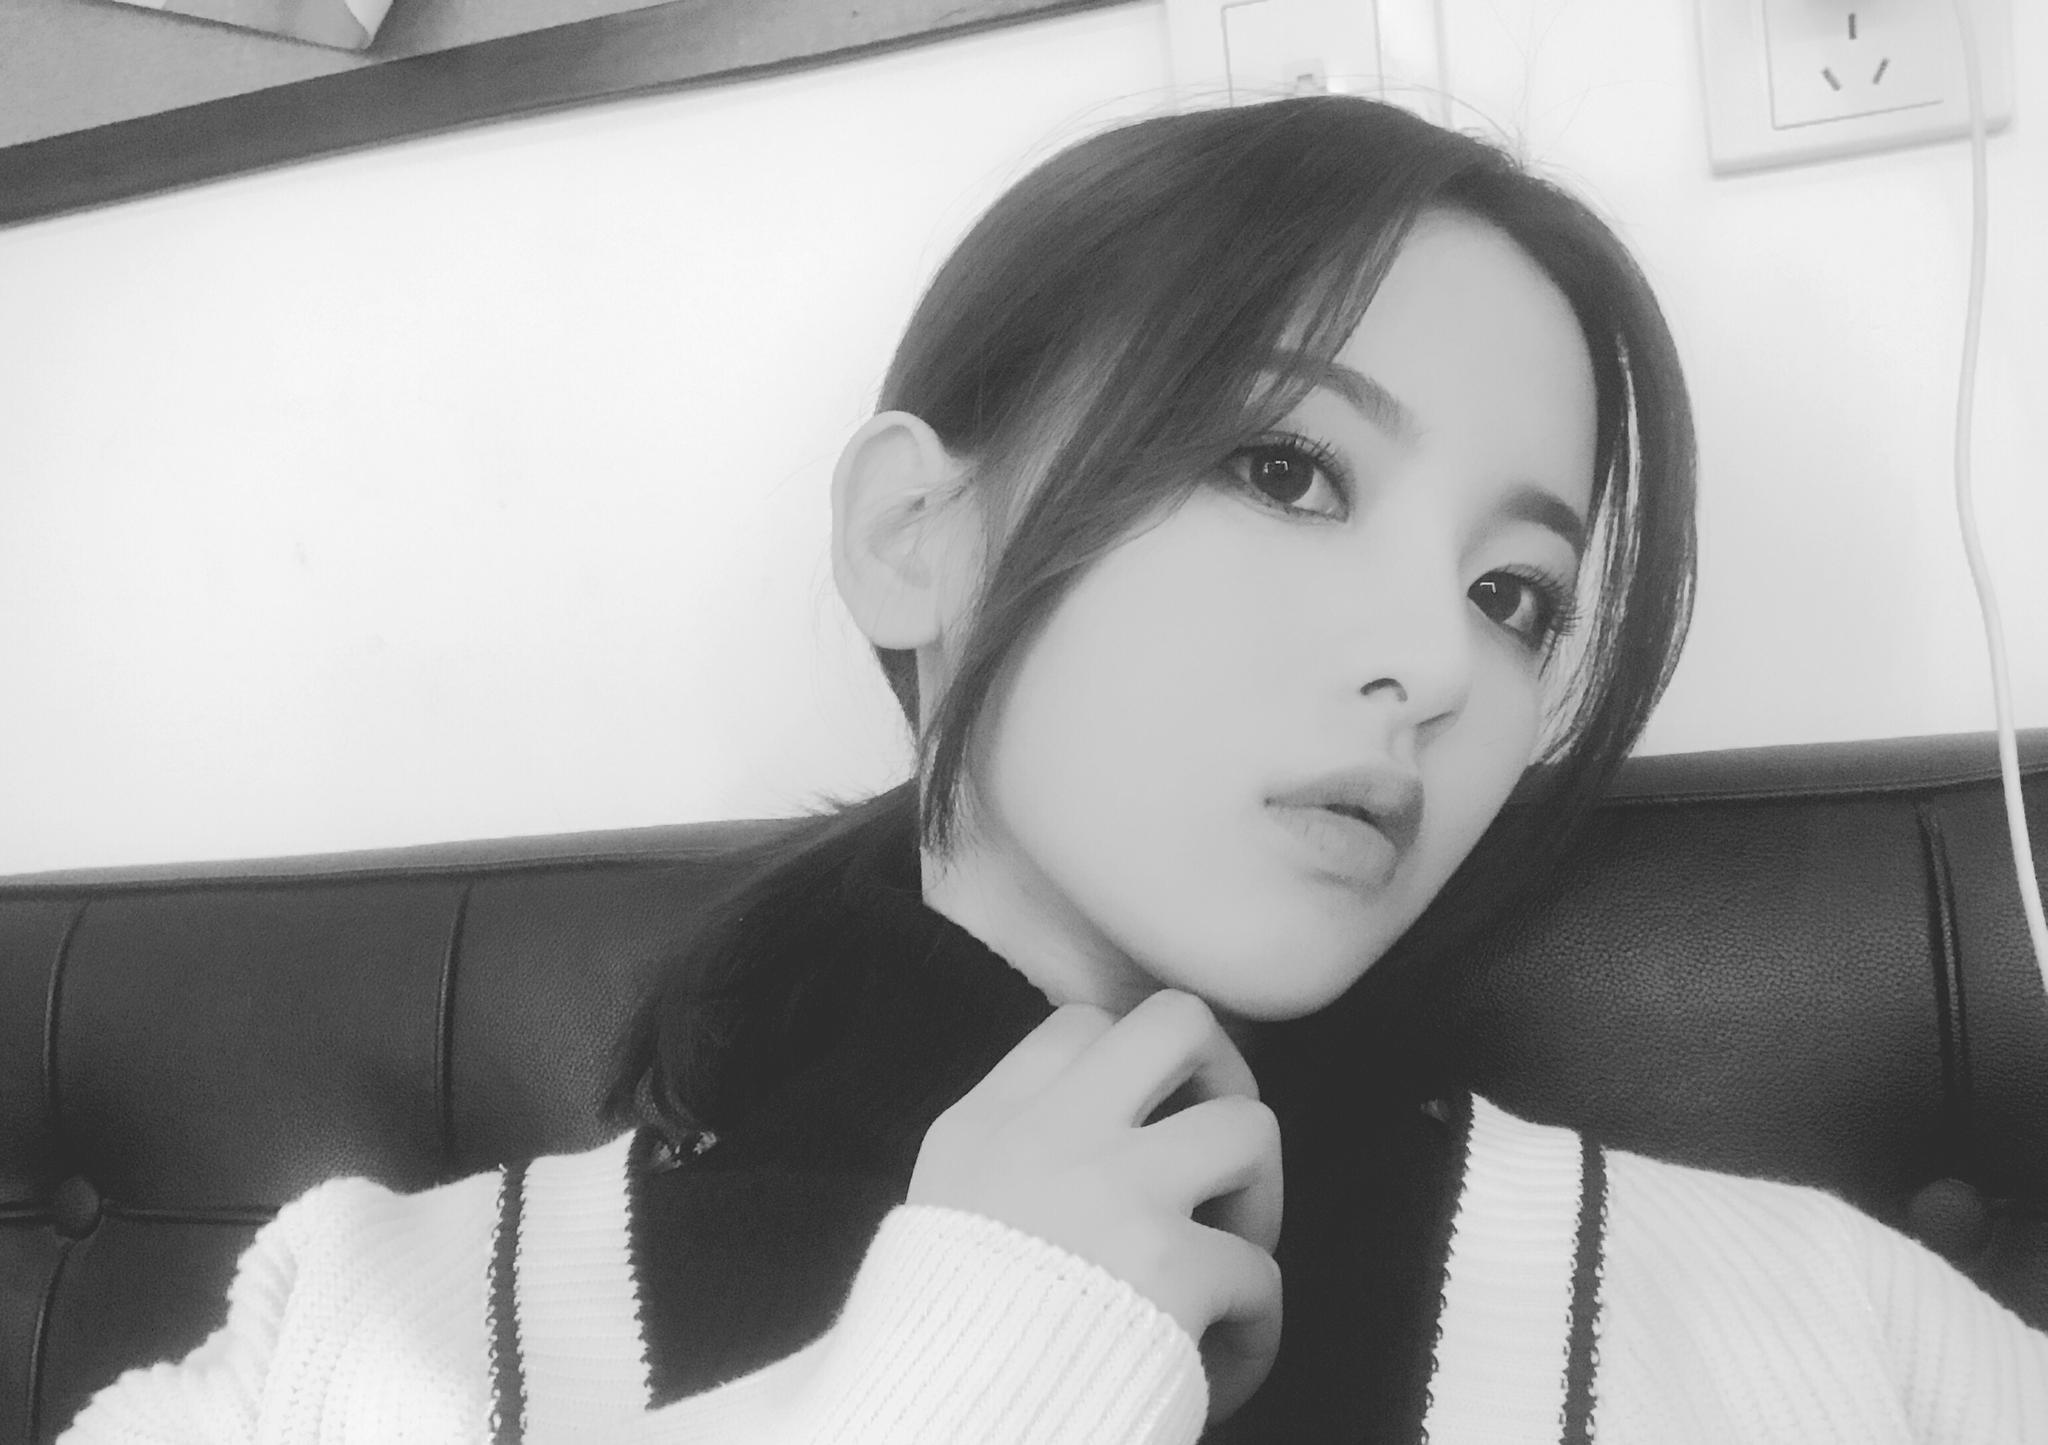 2018年三大新流量艺人,杨超越蔡徐坤朱一龙